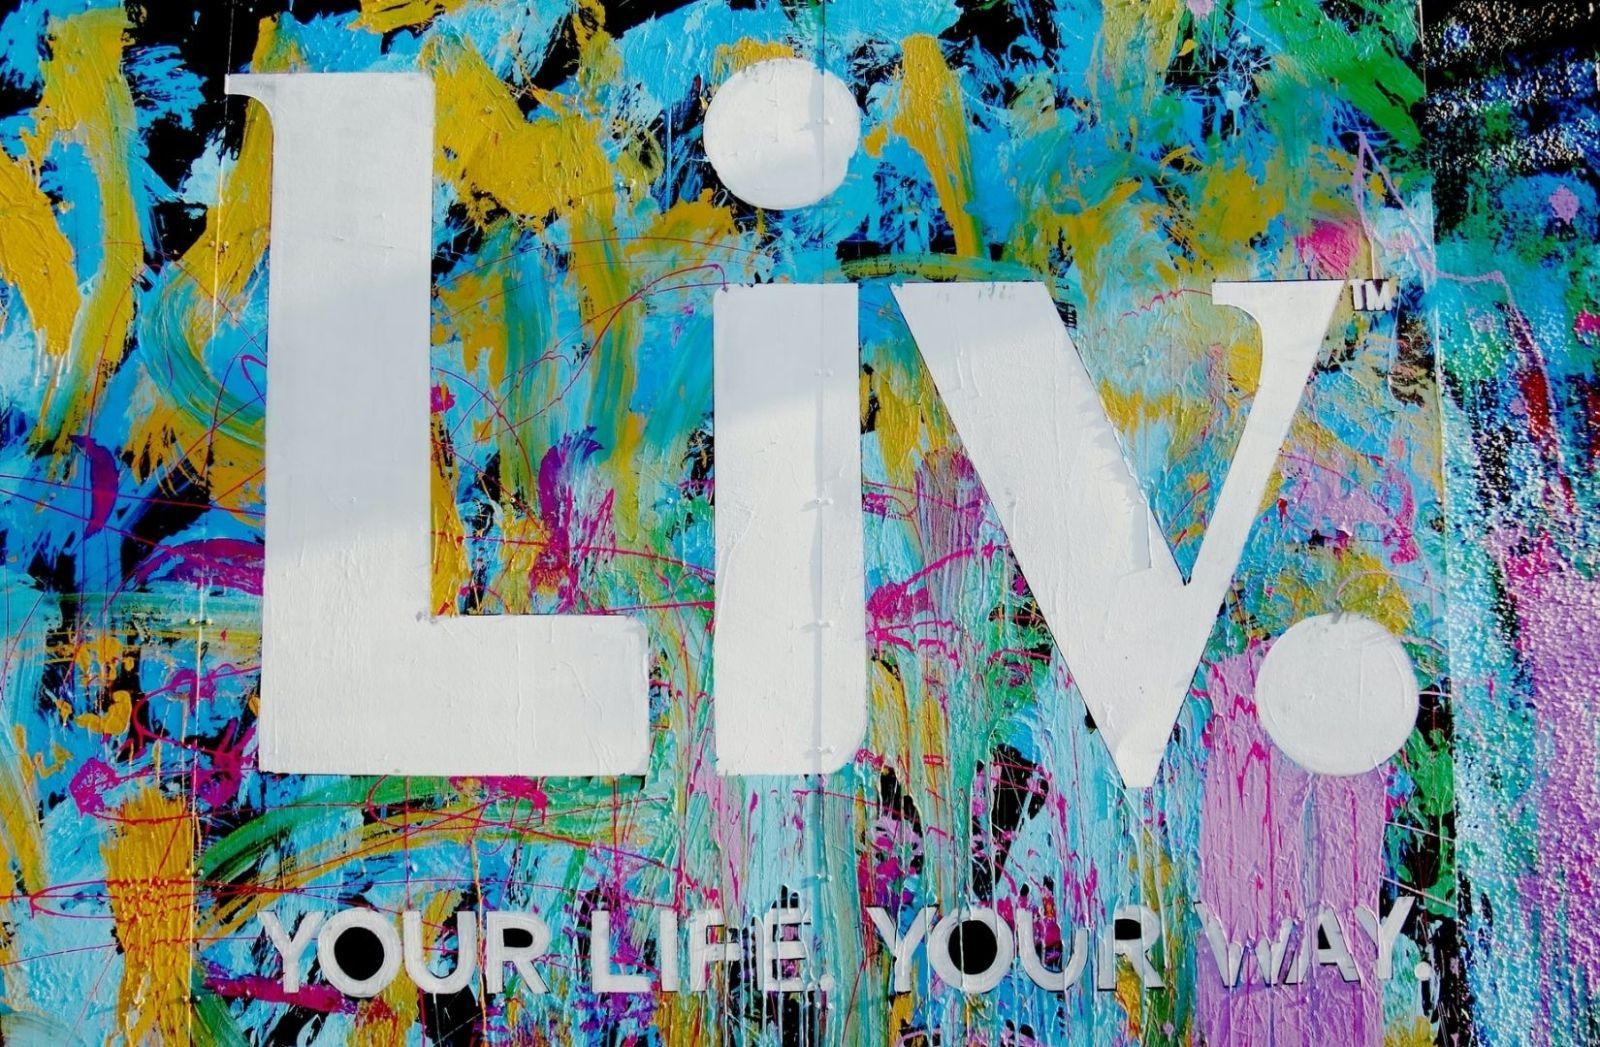 Ohne Doppelmoral. Leben und seinen Weg gehen. Graffiti in Miami. (Foto: George Pagan III, Unsplash.com)